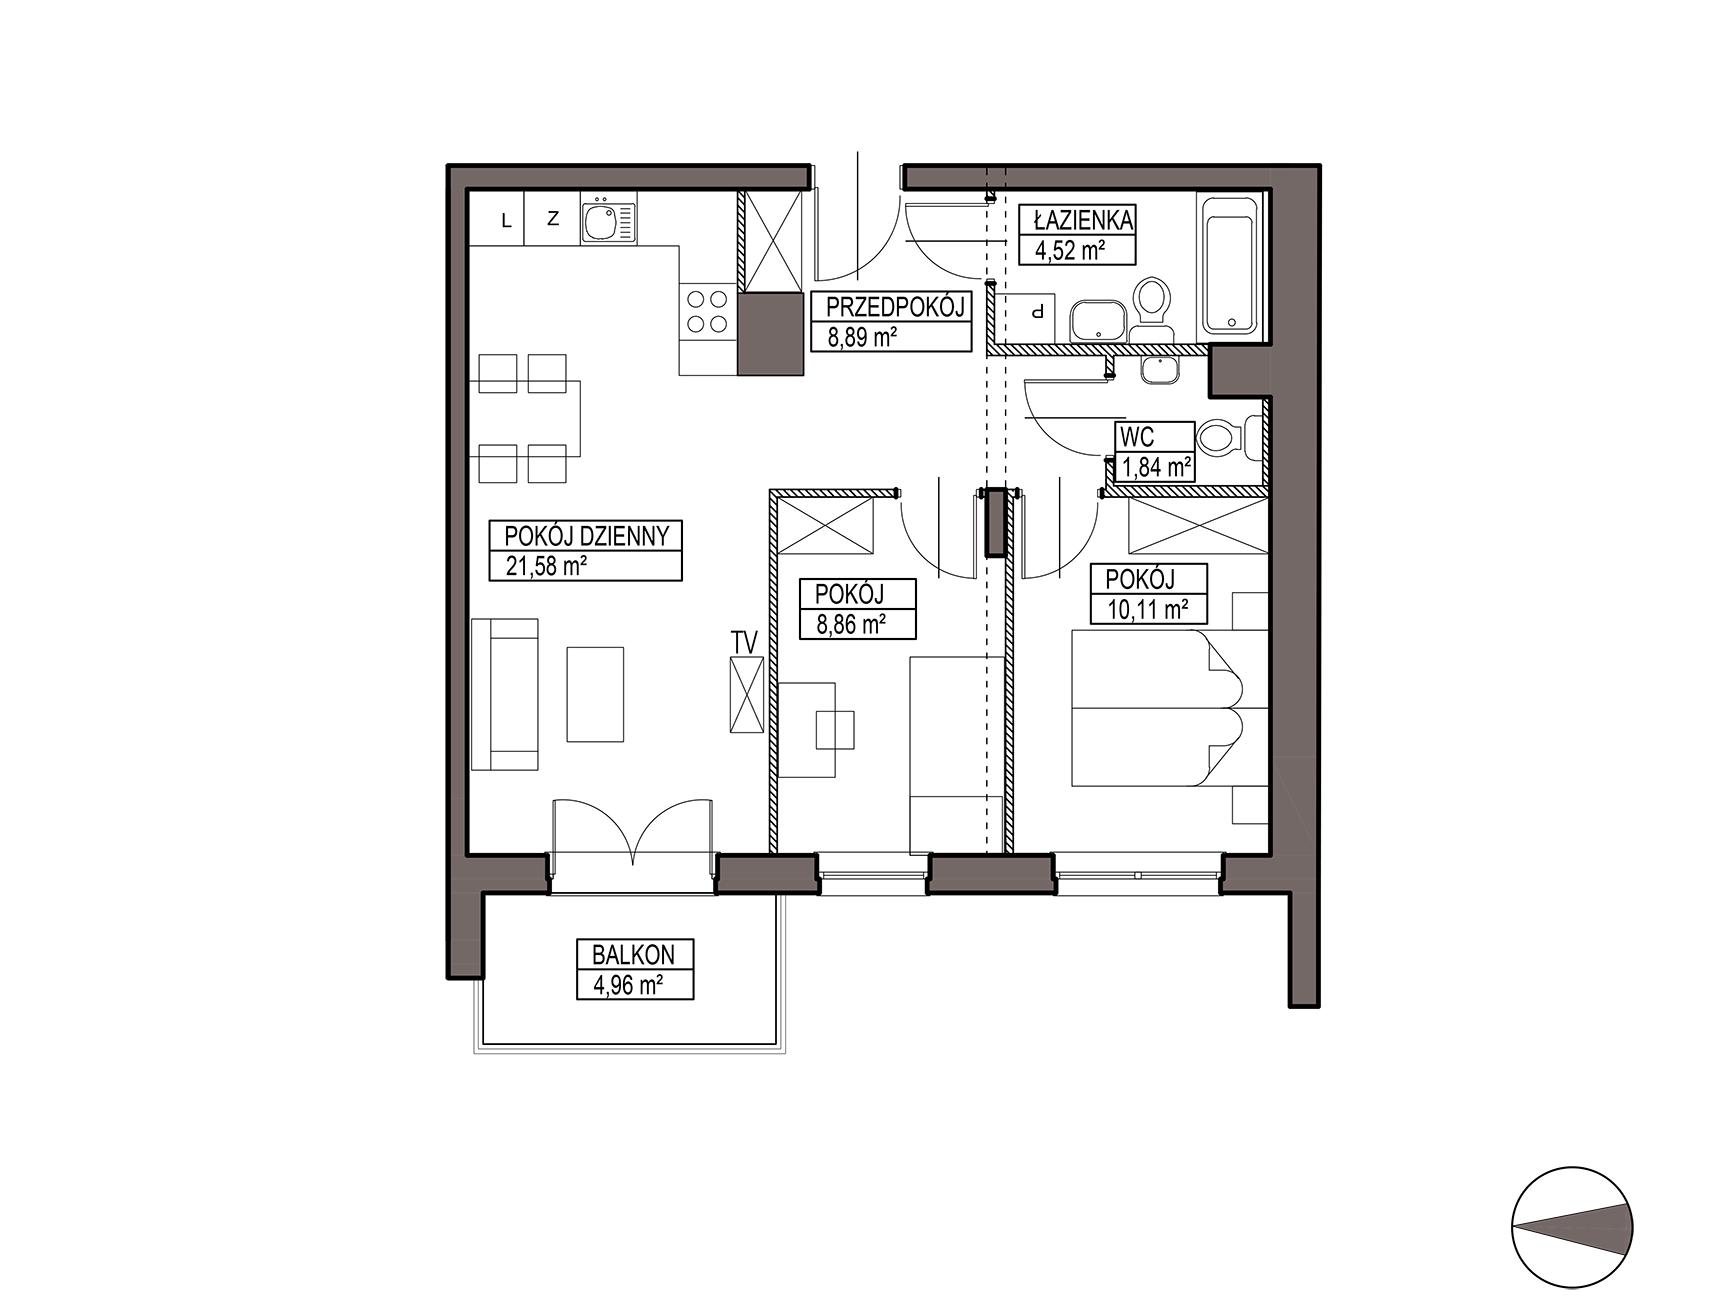 Uroczysko III / budynek 6 / mieszkanie H/0/1 rzut 1